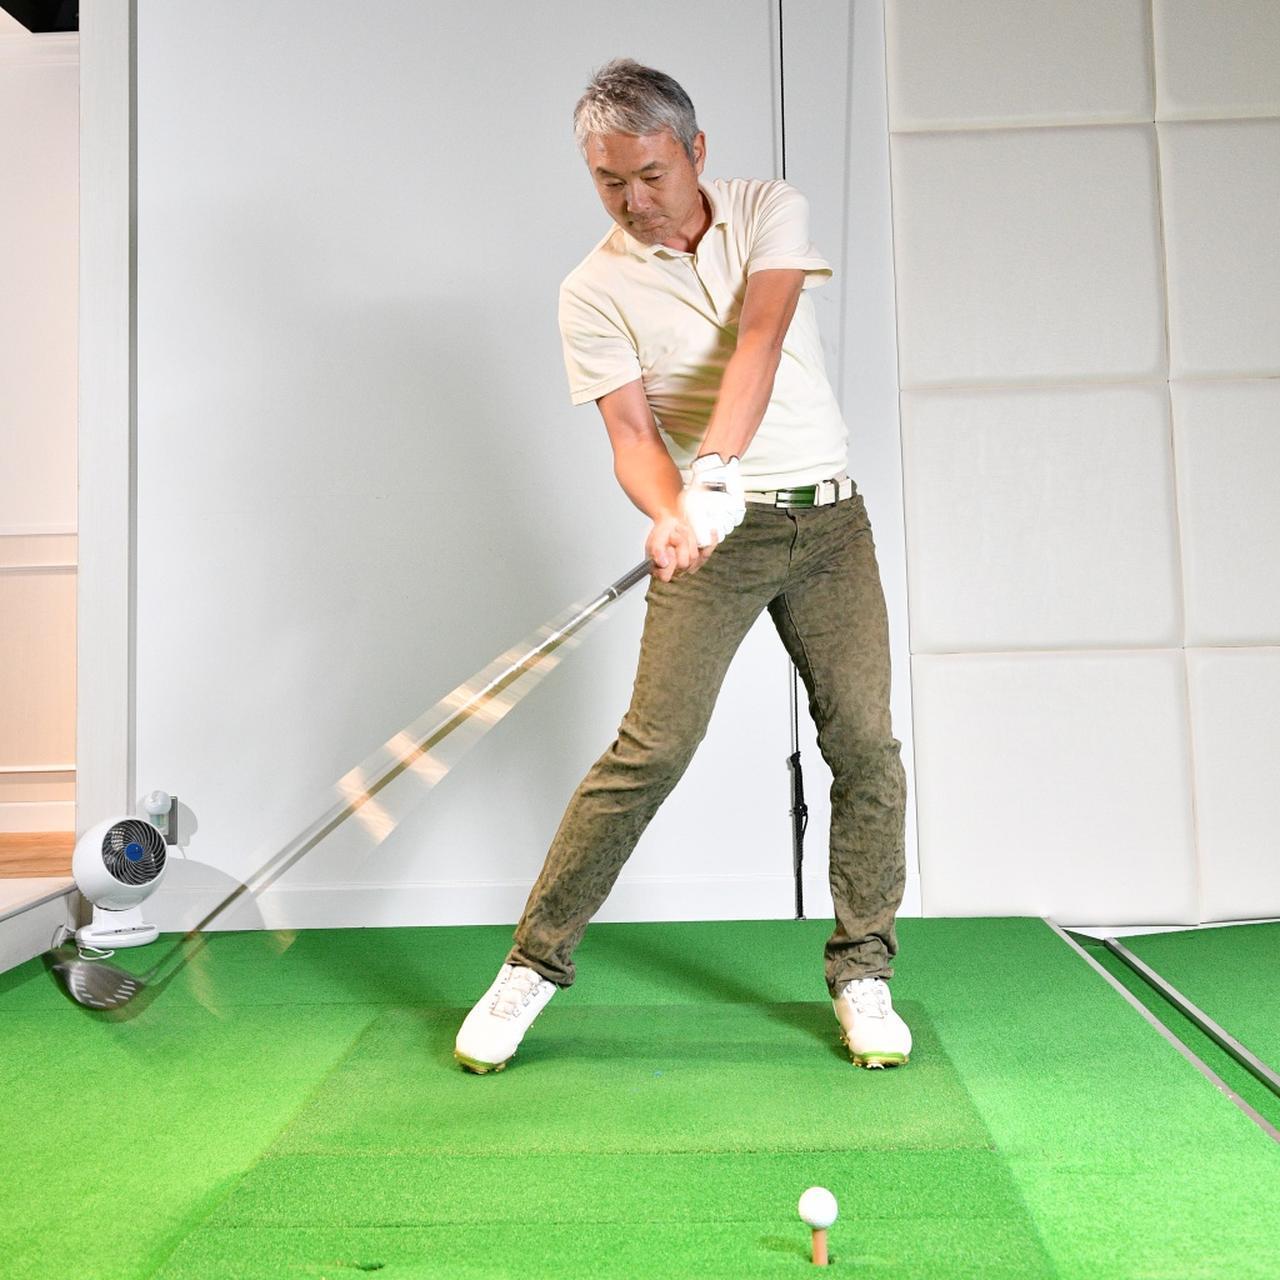 画像3: 【ドライバー】出球が安定しないのは「胸の向き」に問題アリ。腕と体の同調を直レッスン!